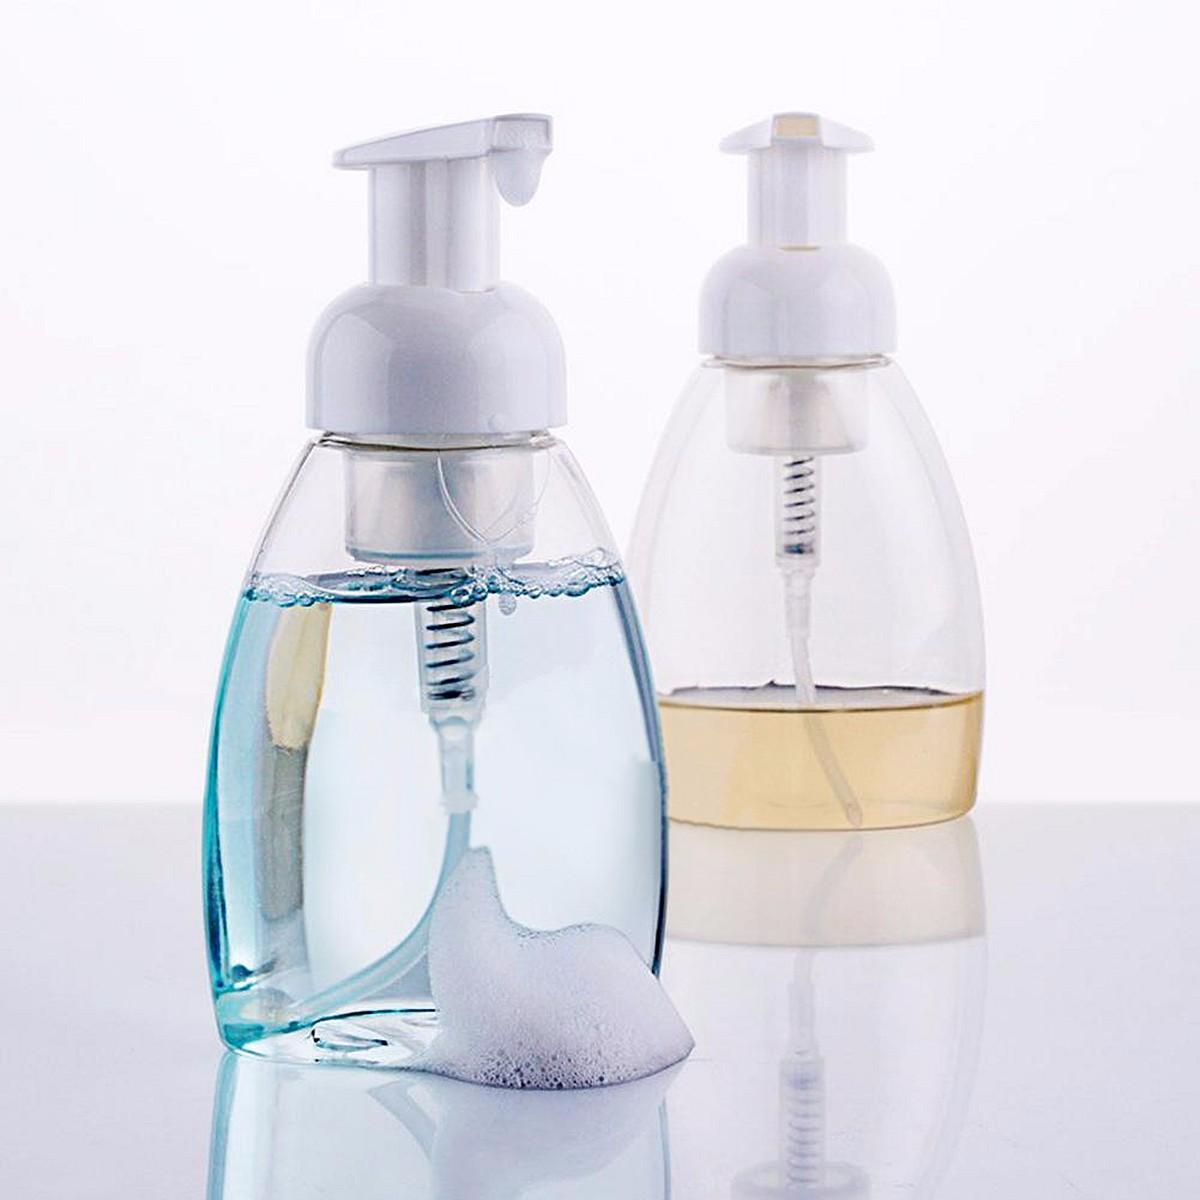 300 мл пены бутылки шампунь лосьон многоразового использования бутылки